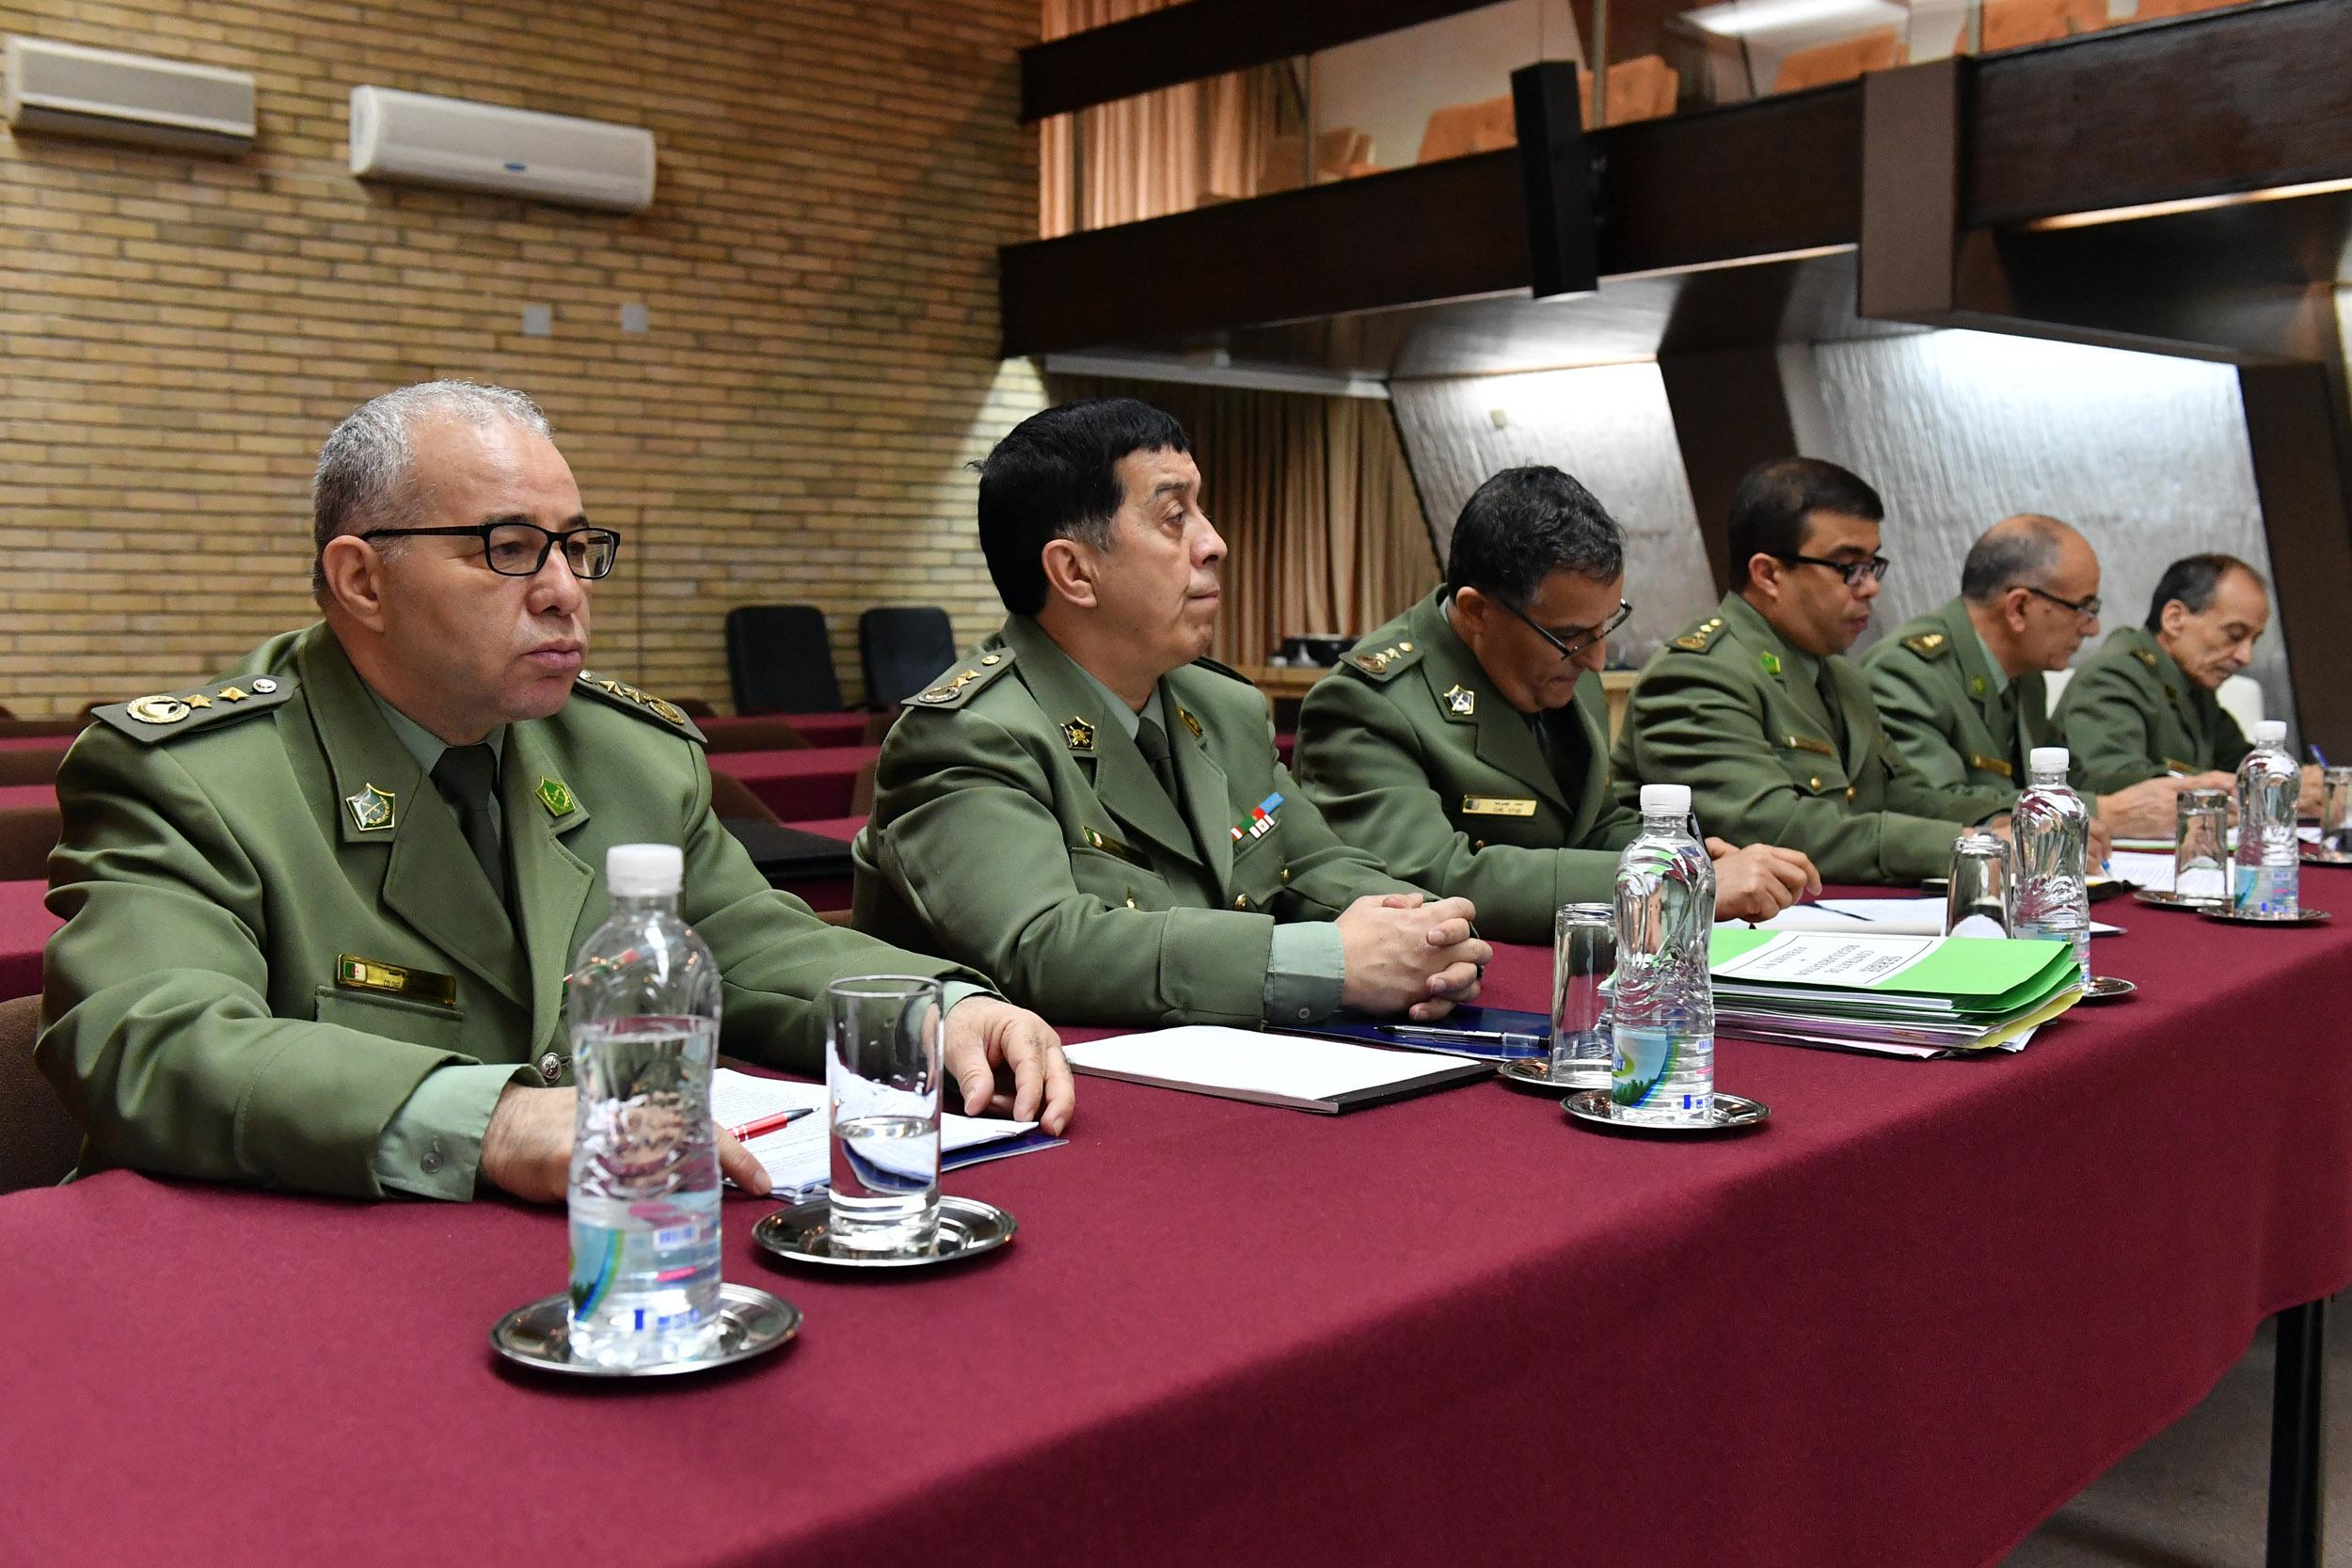 الجزائر : صلاحيات نائب وزير الدفاع الوطني - صفحة 21 Ban_1069_1519373113